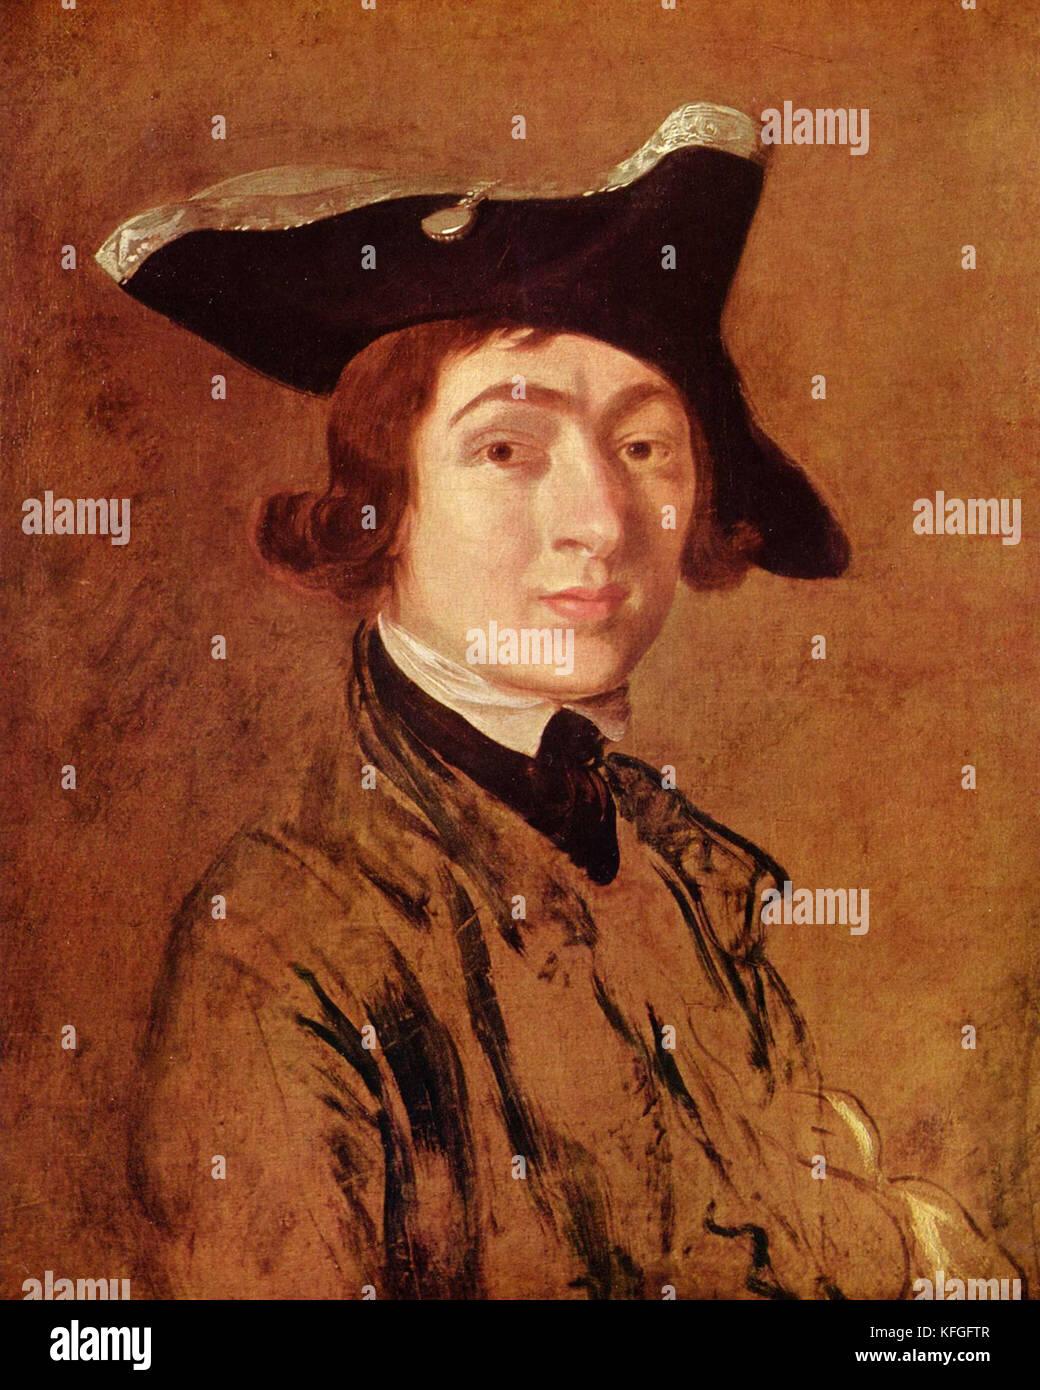 Thomas Gainsborough, Self-Portrait (1754) English portrait and landscape painter - Stock Image